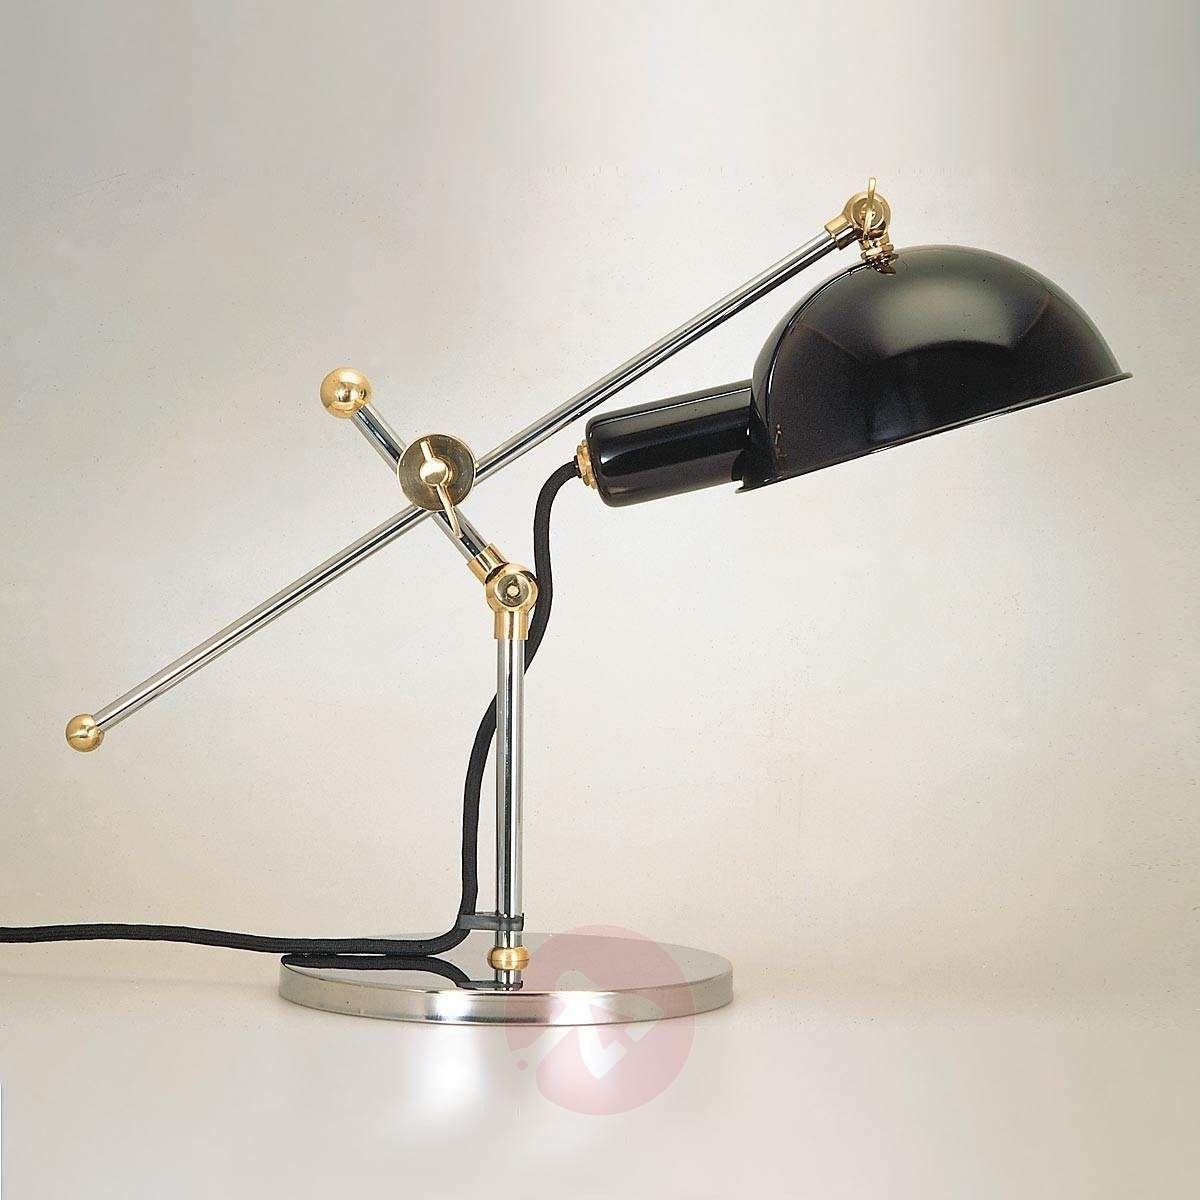 Fancy Historische Reproduktion einer Schreibtischlampe aus dem Jahr Zertifiziertes Qualit tsprodukt von TECNOLUMEN